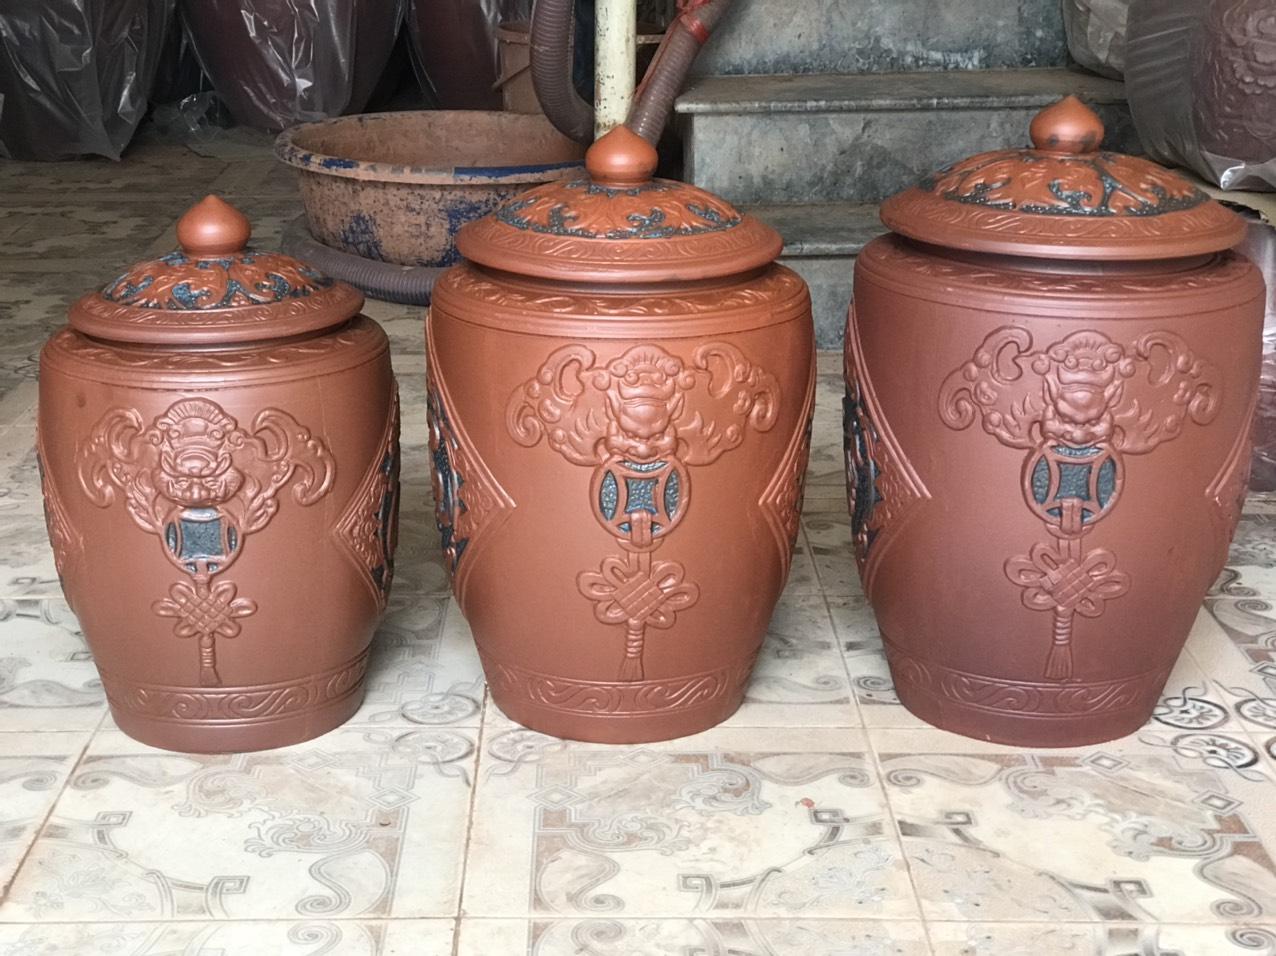 Hũ sành đựng rượu gạo gốm sứ Bát Tràng loại 20L (15Kg gạo)